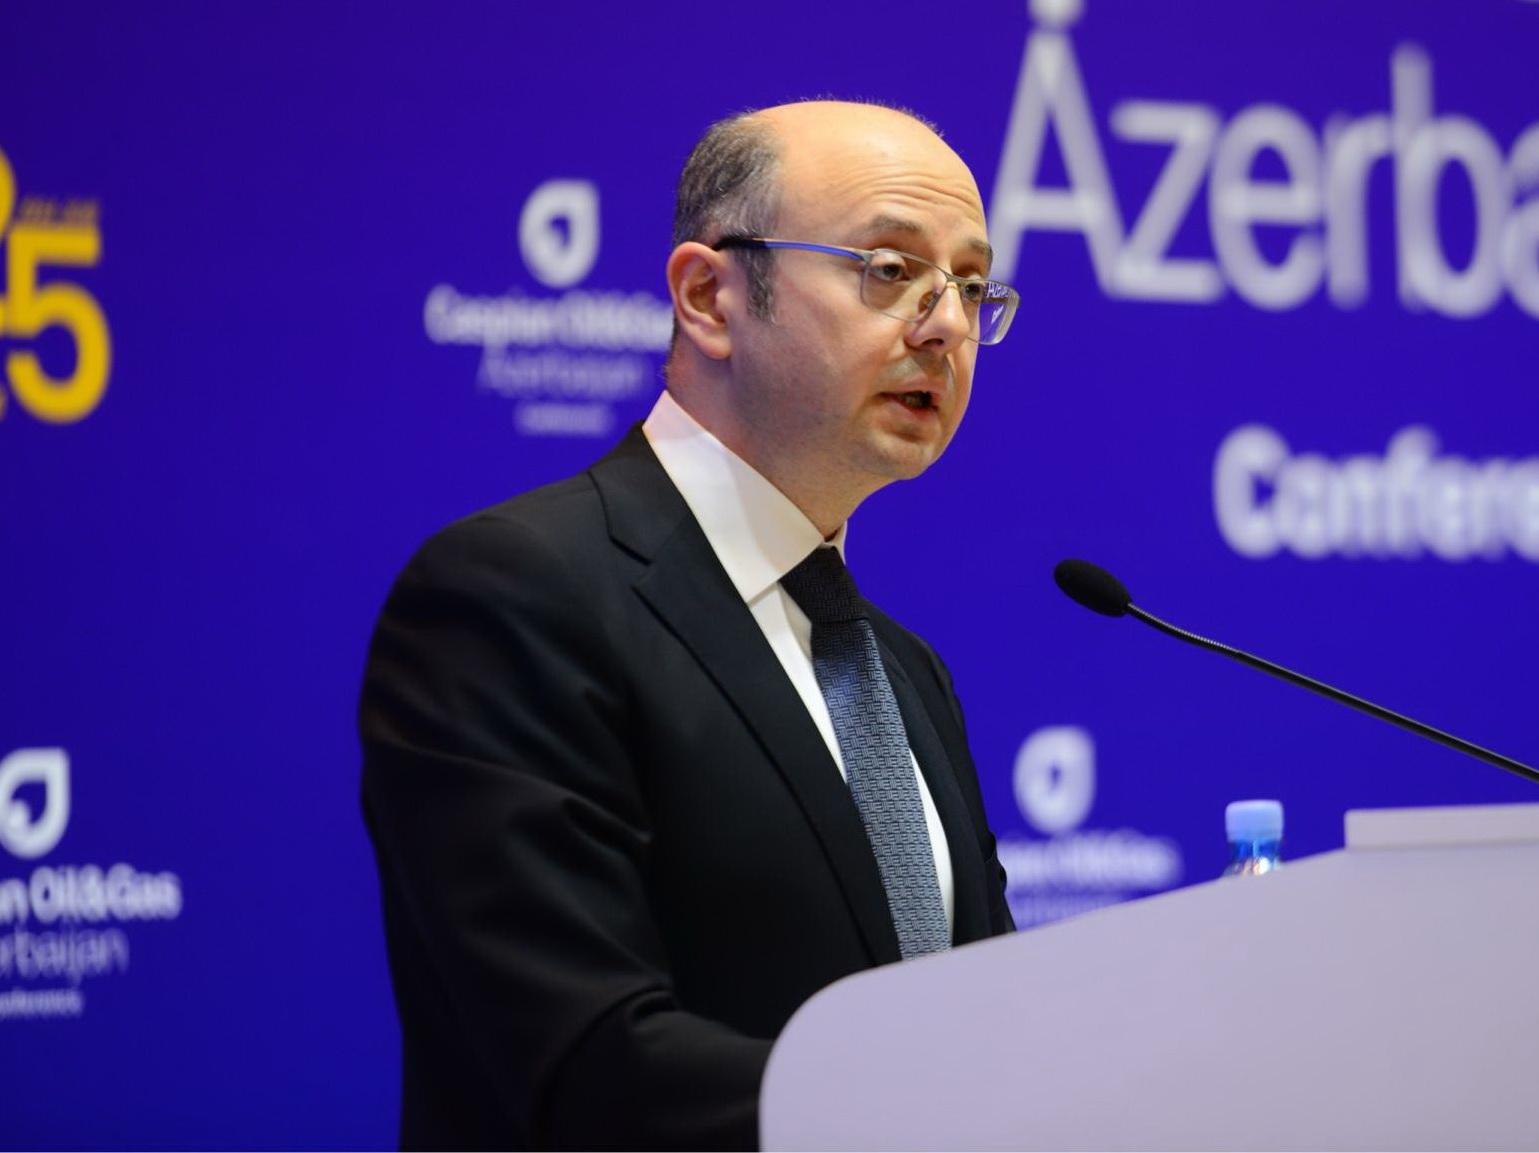 Азербайджан считает необходимым продление сделки ОПЕК+ по сокращению добычи нефти